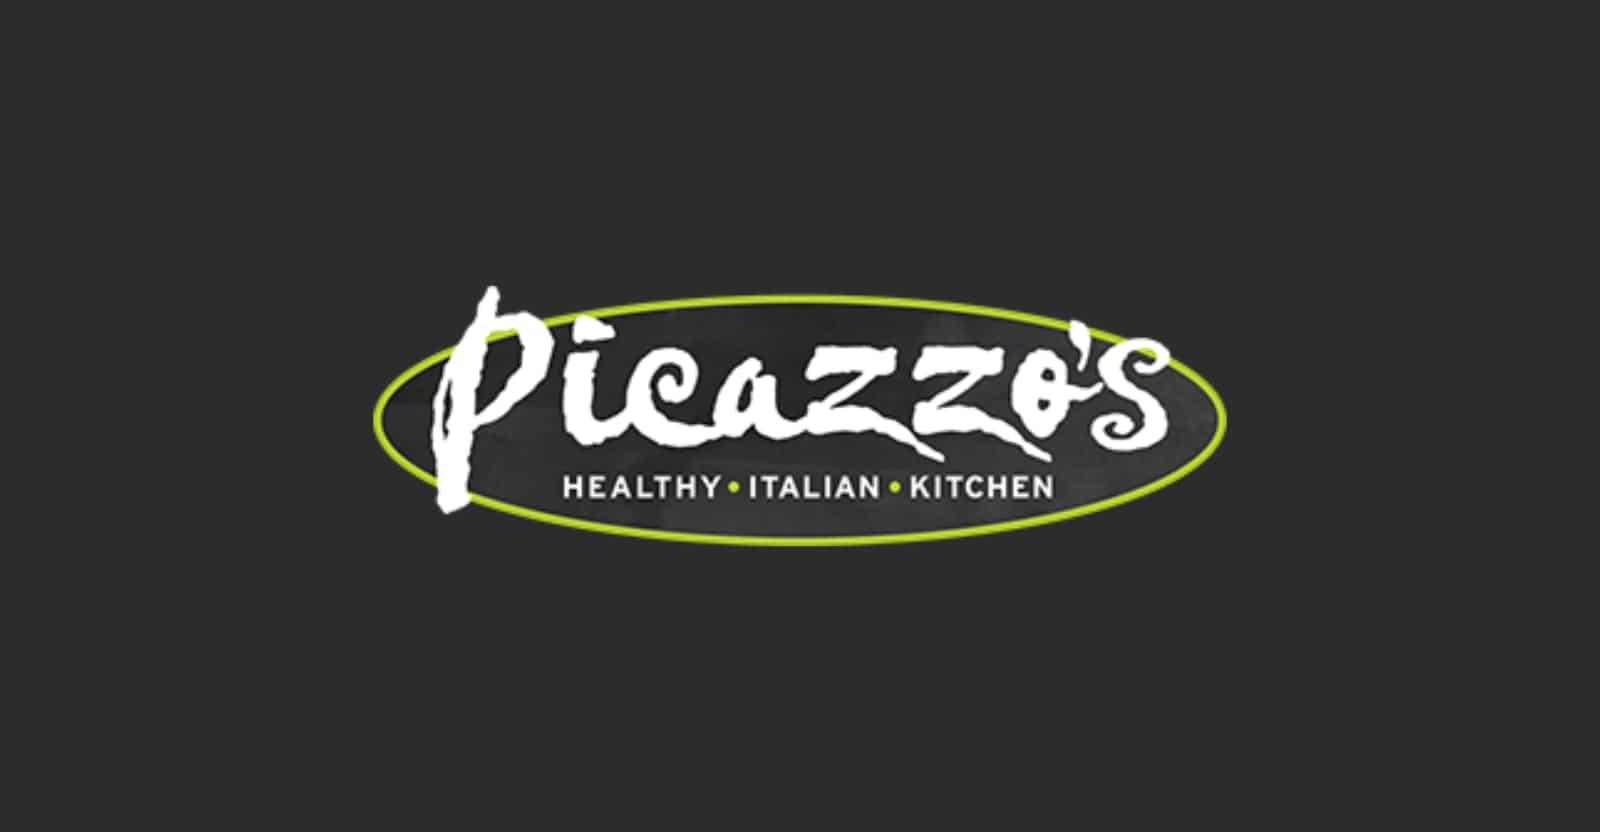 Picazzo's Gluten-Free Menu